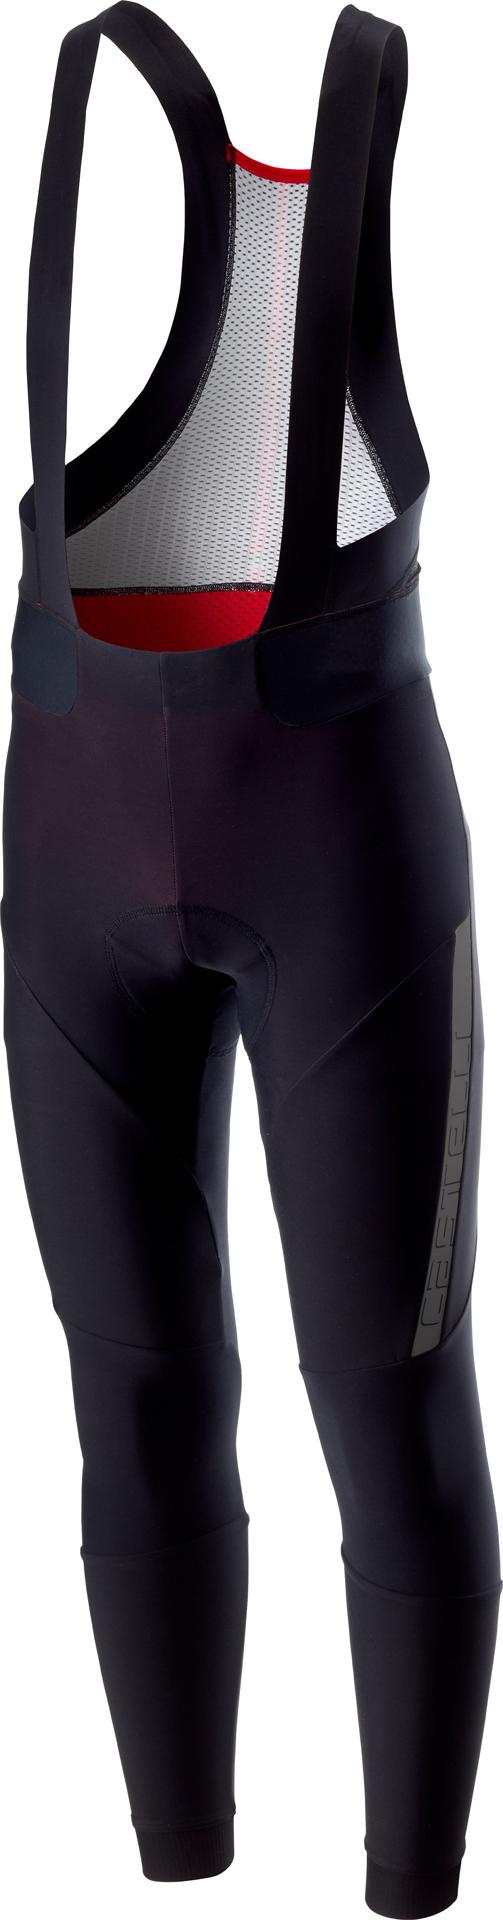 Castelli Sorpasso 2 bibtight zwart/reflex heren  17516-110